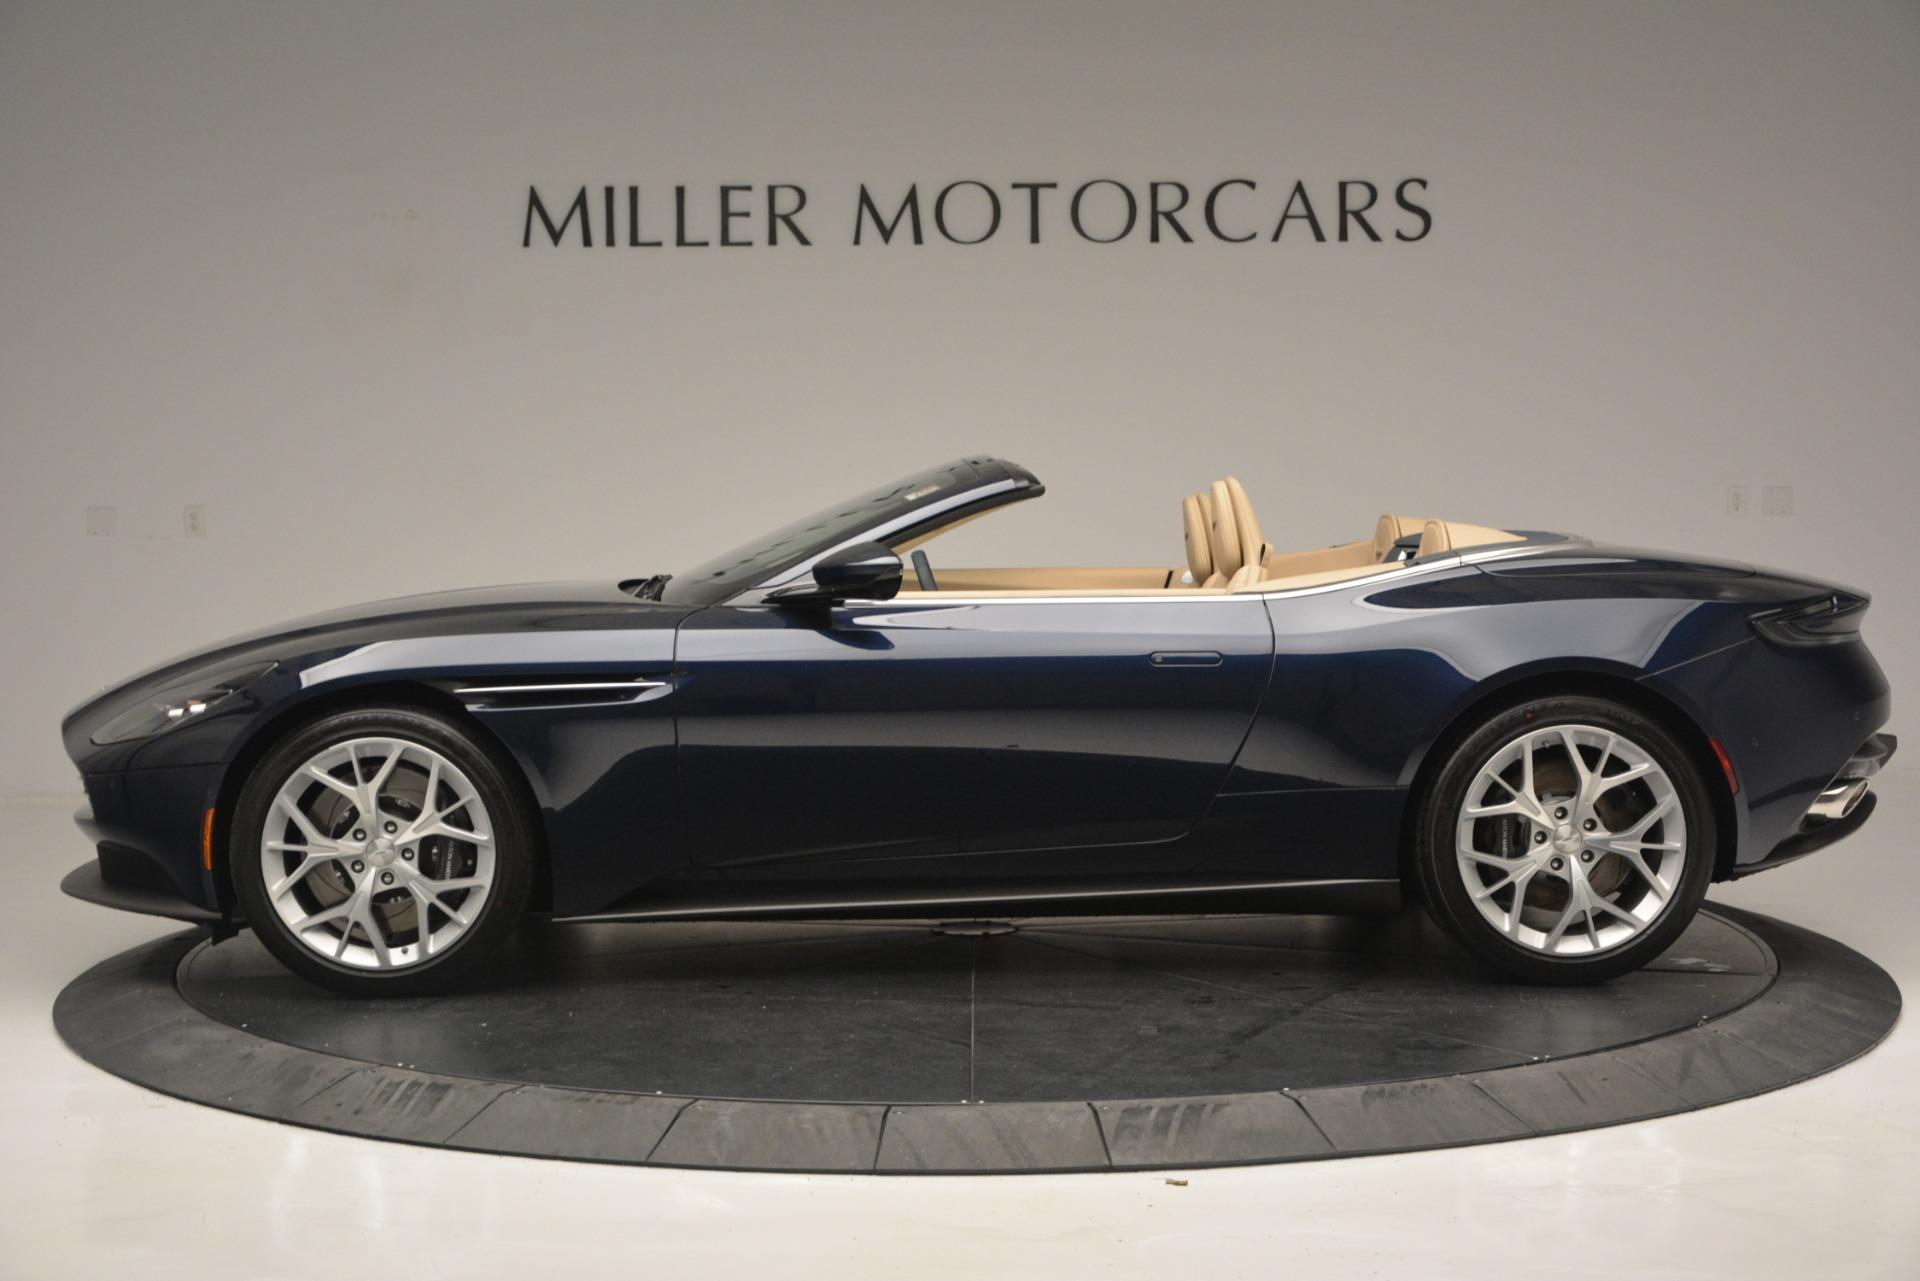 New 2019 Aston Martin DB11 Volante Volante For Sale In Greenwich, CT 2594_p3